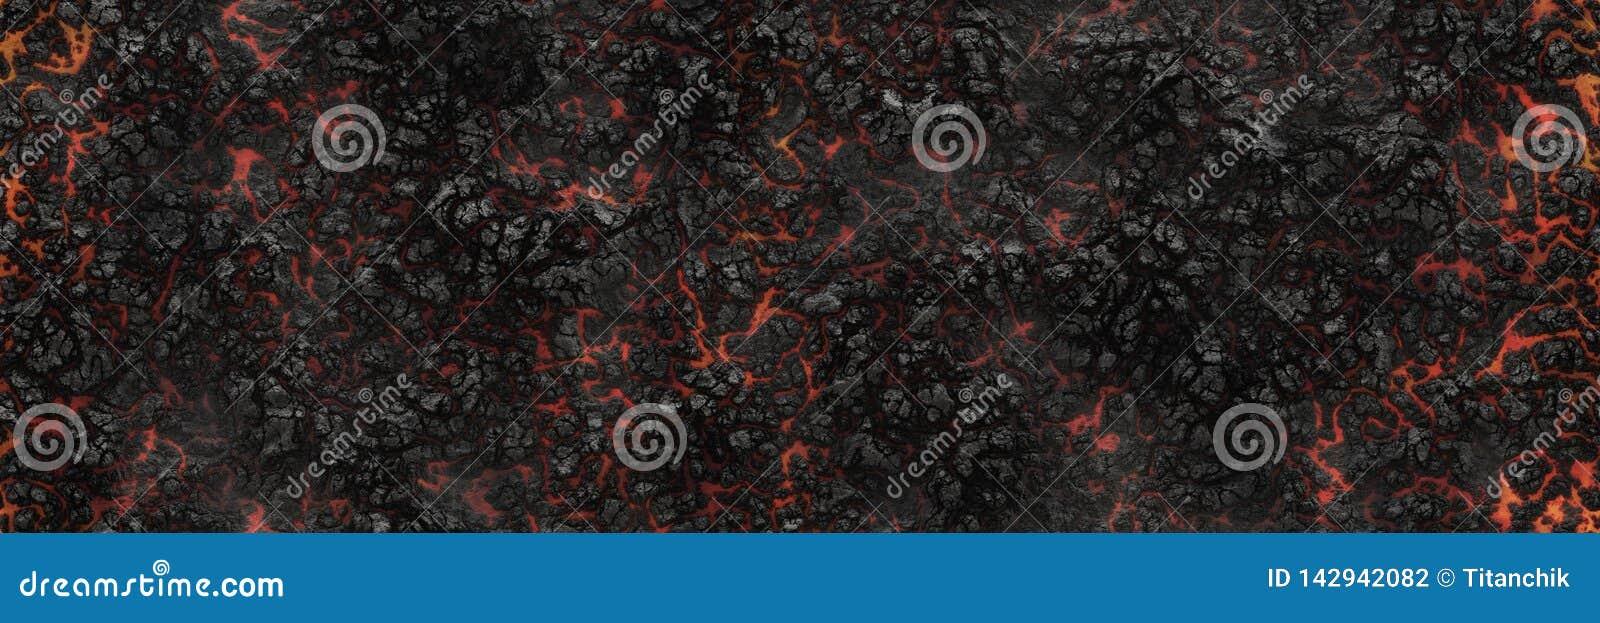 Paląca węgiel drzewny rozjarzona powierzchnia węgle Abstrakcjonistyczny natura wzór